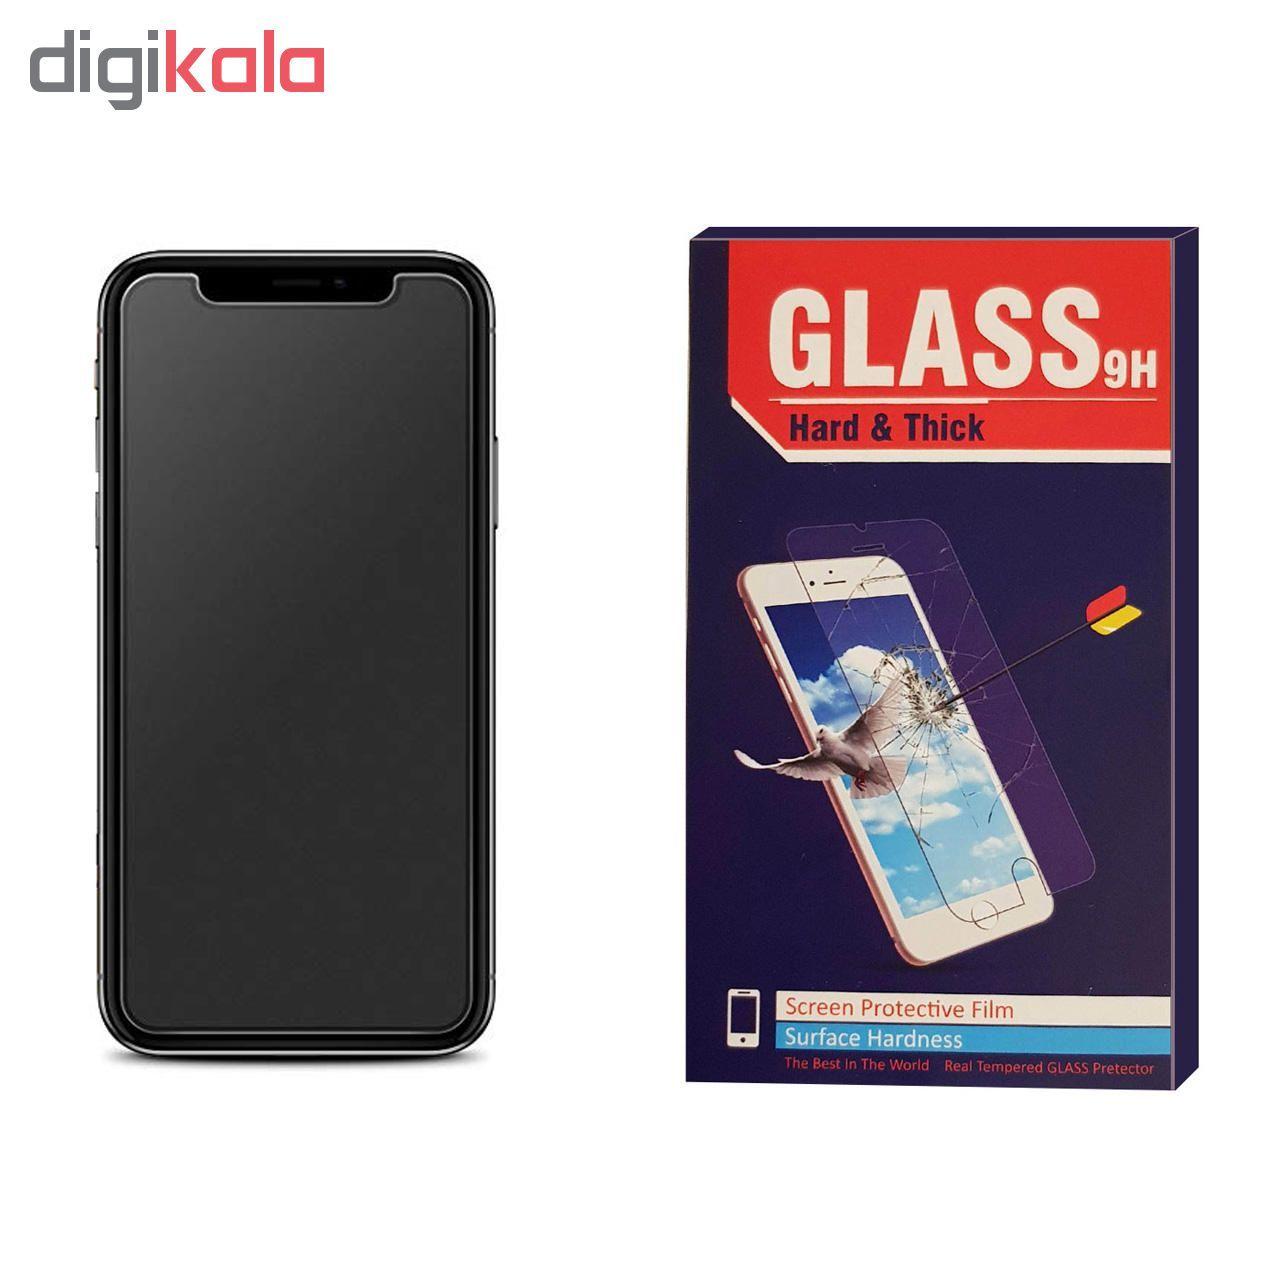 محافظ صفحه نمایش مات Hard and thick مدل F006 مناسب برای گوشی موبایل آیفون Iphone X main 1 1